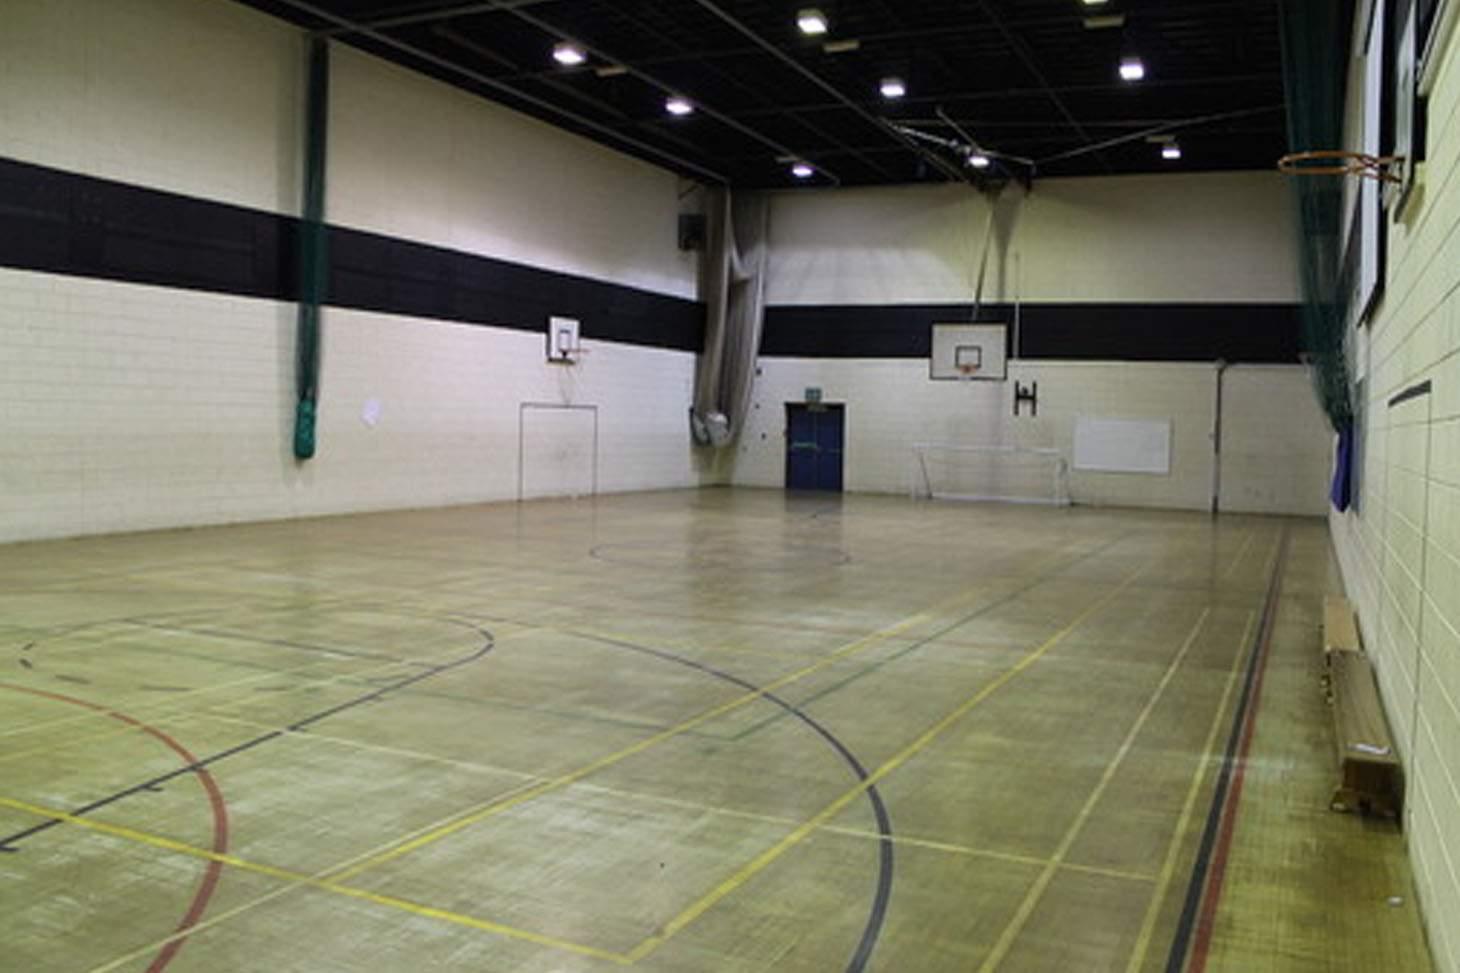 Thornleigh Salesian College Indoor badminton court